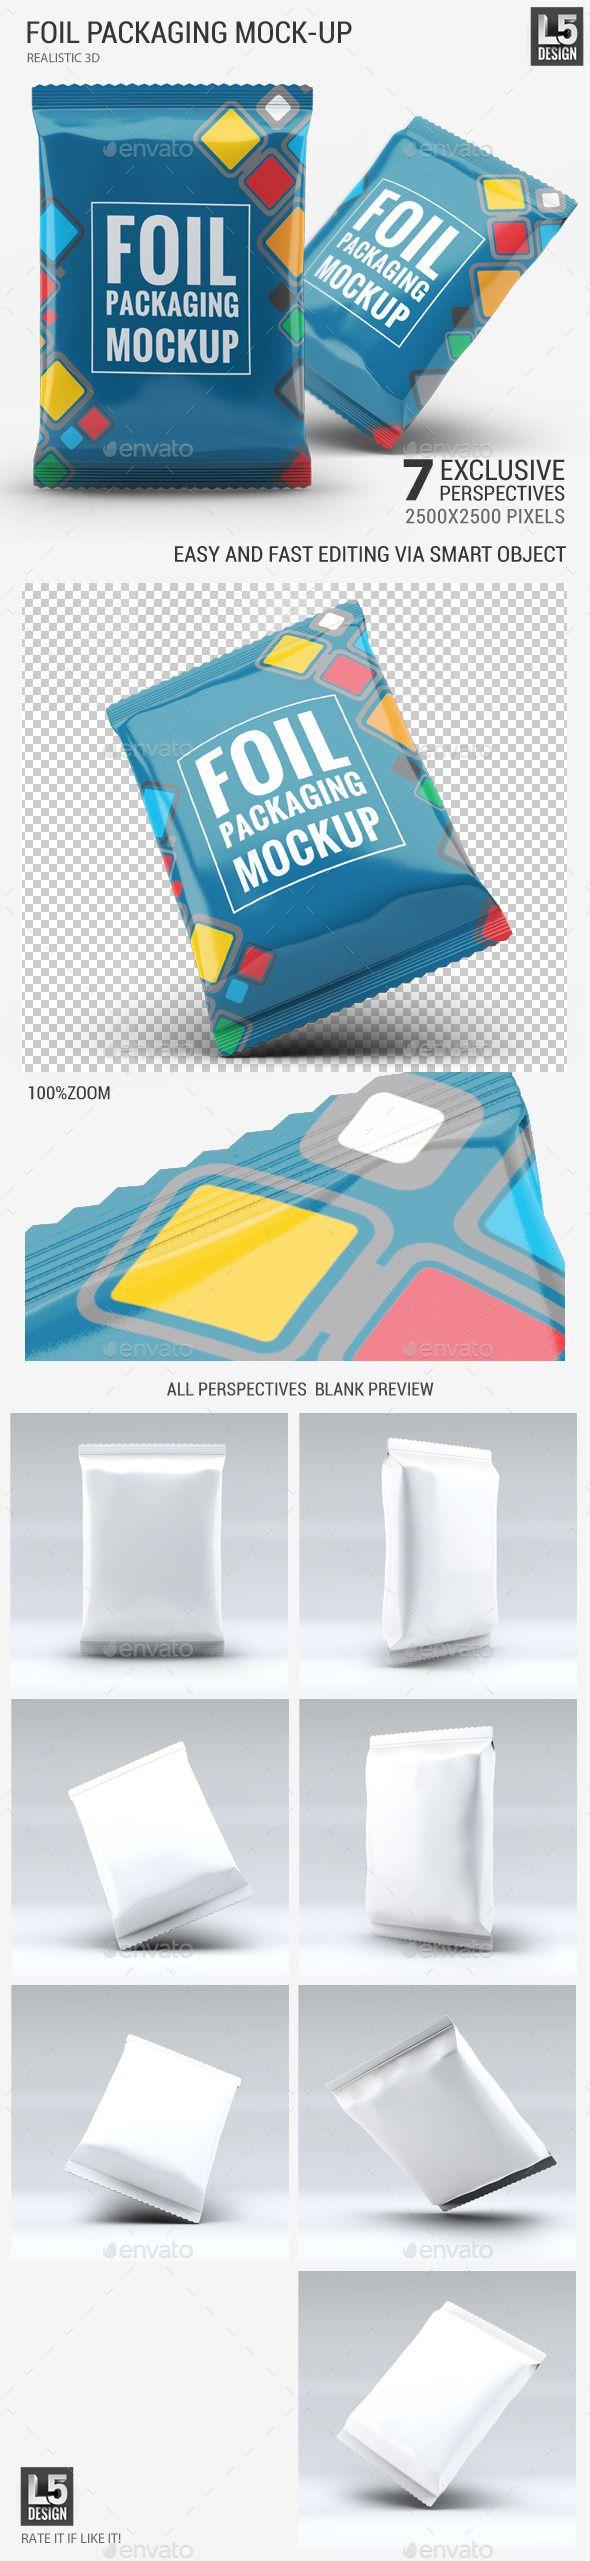 Foil Packaging Mock-Up #design Download: http://graphicriver.net/item/foil-packaging-mockup/11625656?ref=ksioks